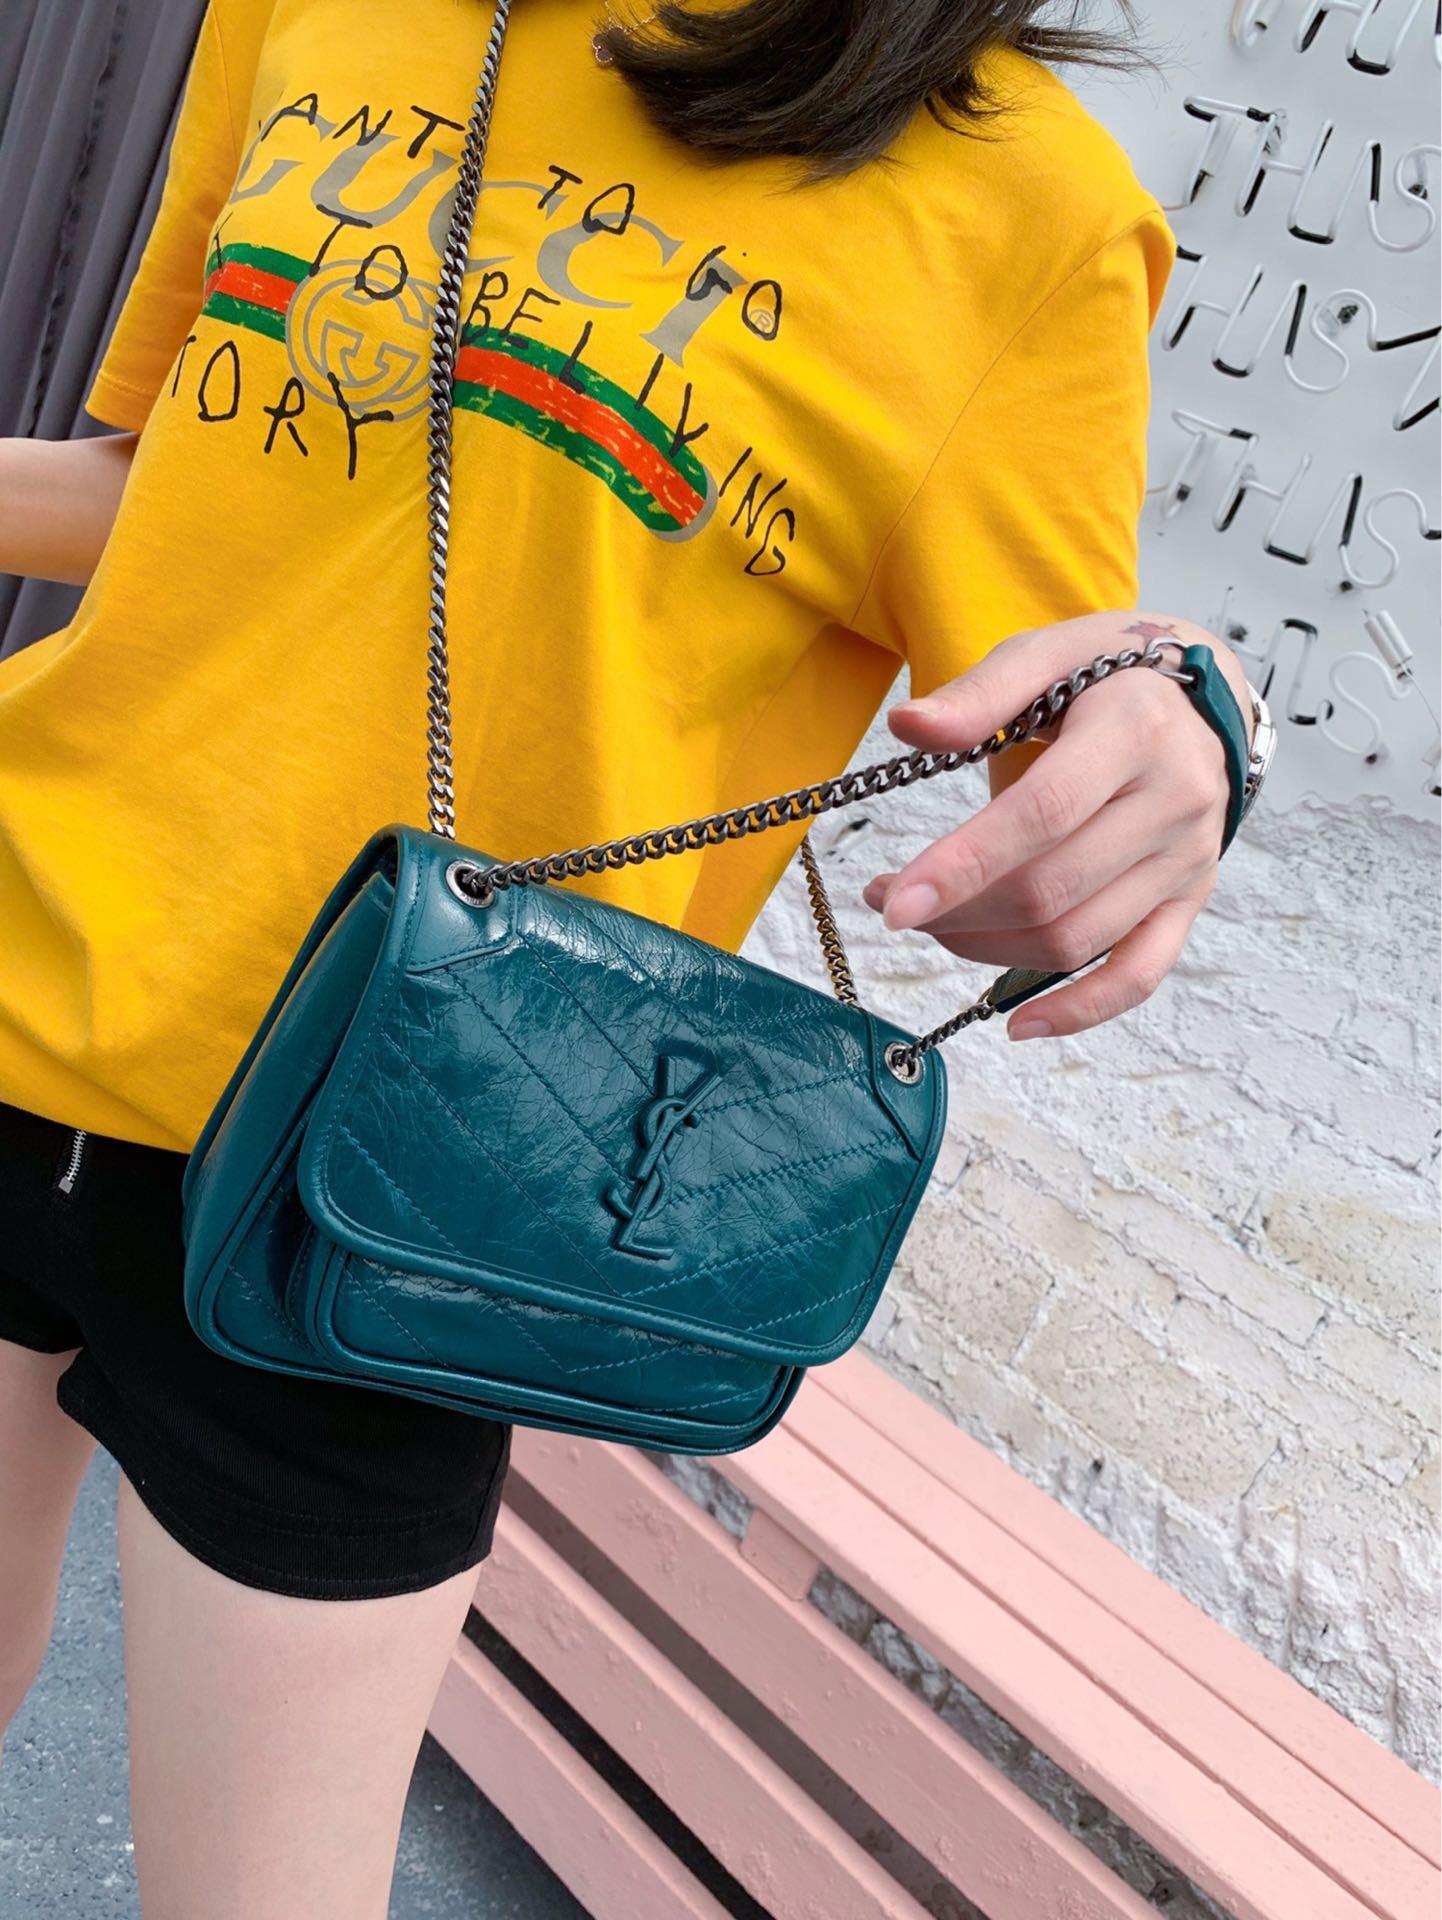 聖羅蘭 包包臺灣官網 YSL NIKI 迷妳蓝绿色 褶皺絎縫真皮鏈條包